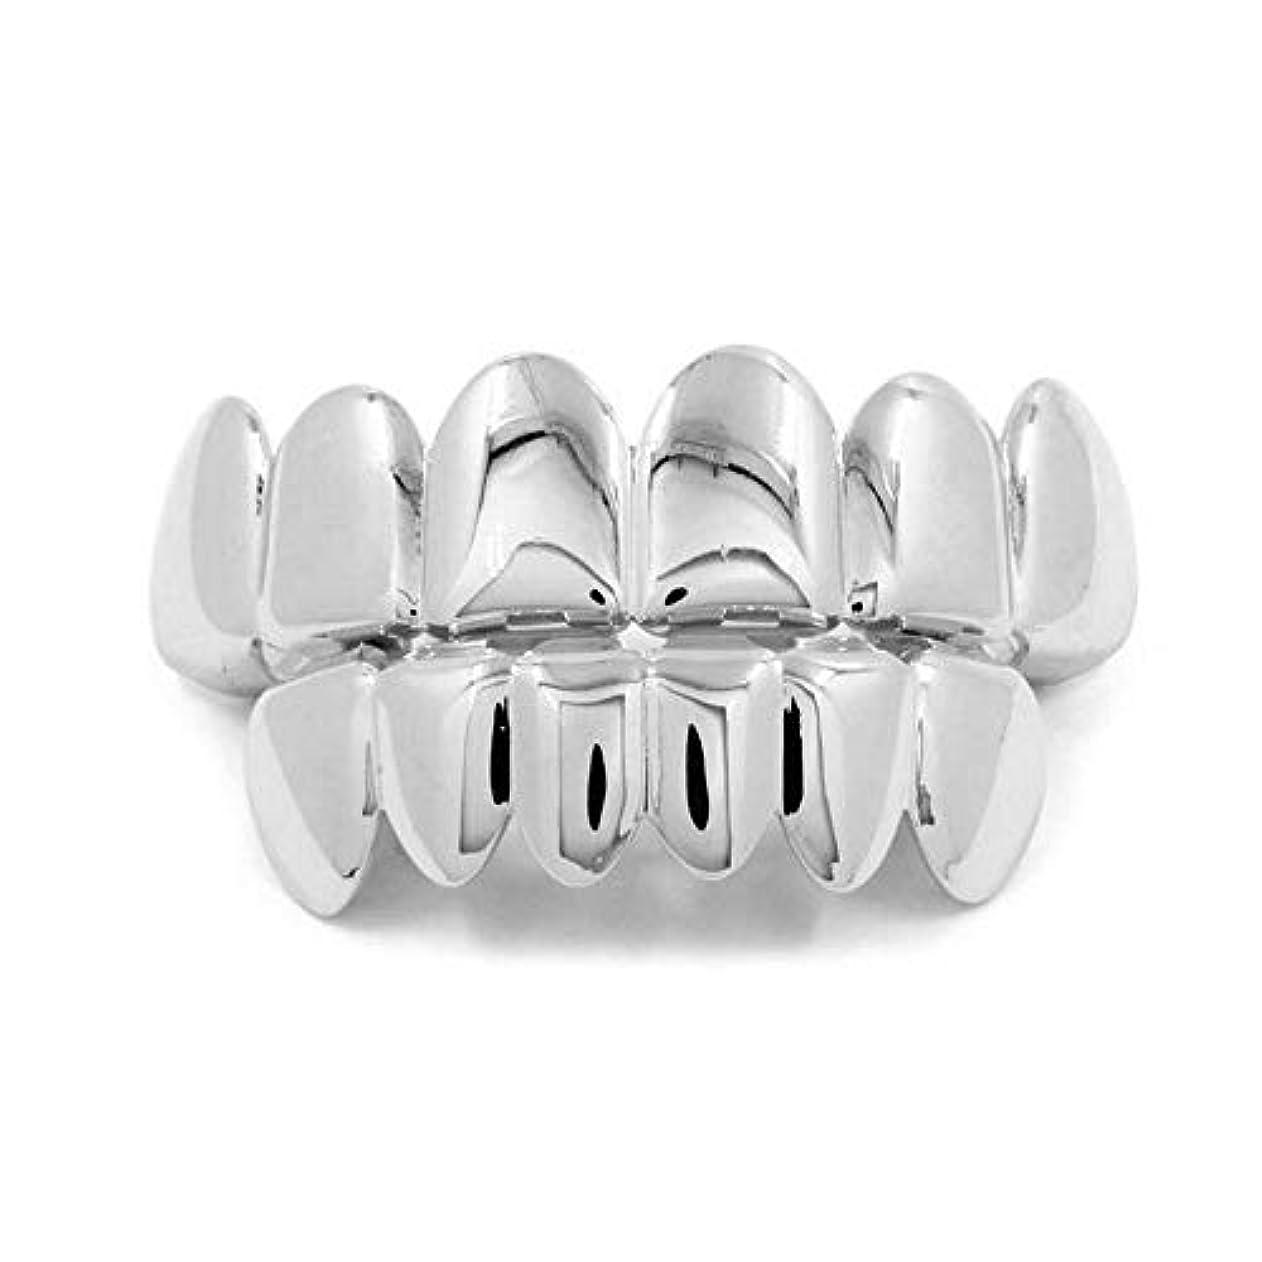 受けるリム銀河ヨーロッパ系アメリカ人INS最もホットなヒップホップの歯キャップ、ゴールド&ブラック&シルバー歯ブレースゴールドプレート口の歯 (Color : Silver)